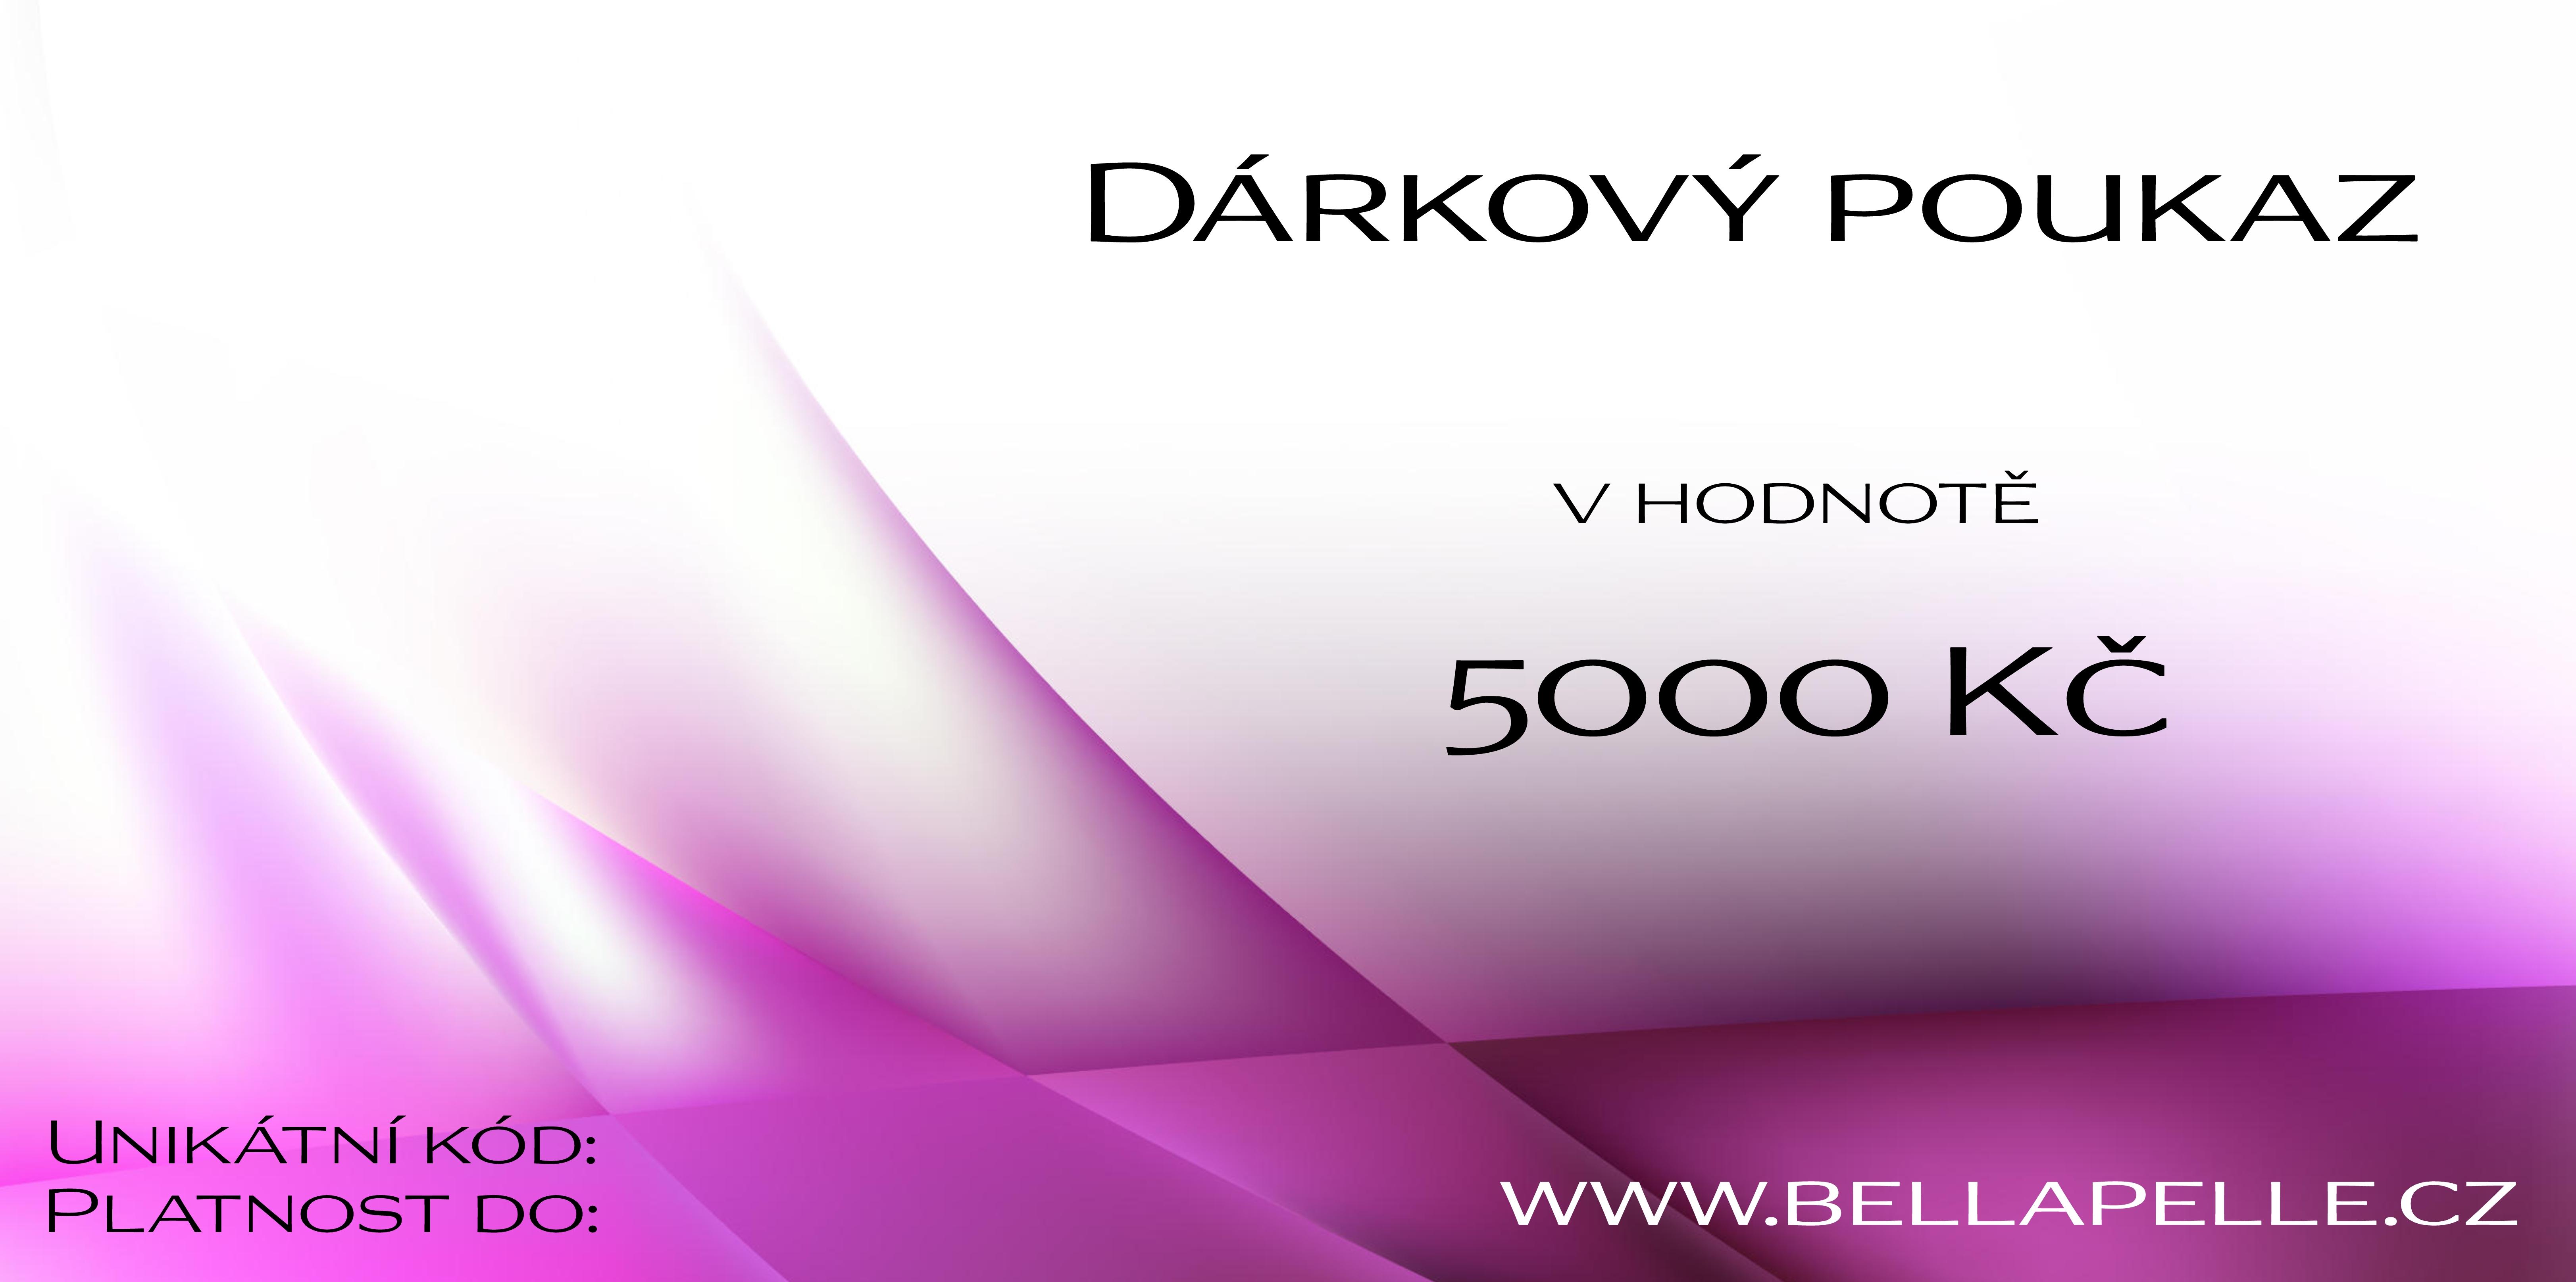 Darkove Poukazy Darkovy Poukaz V Hodnote 5000 Kc Bellapelle Cz E Shop Kosmeticka Pece